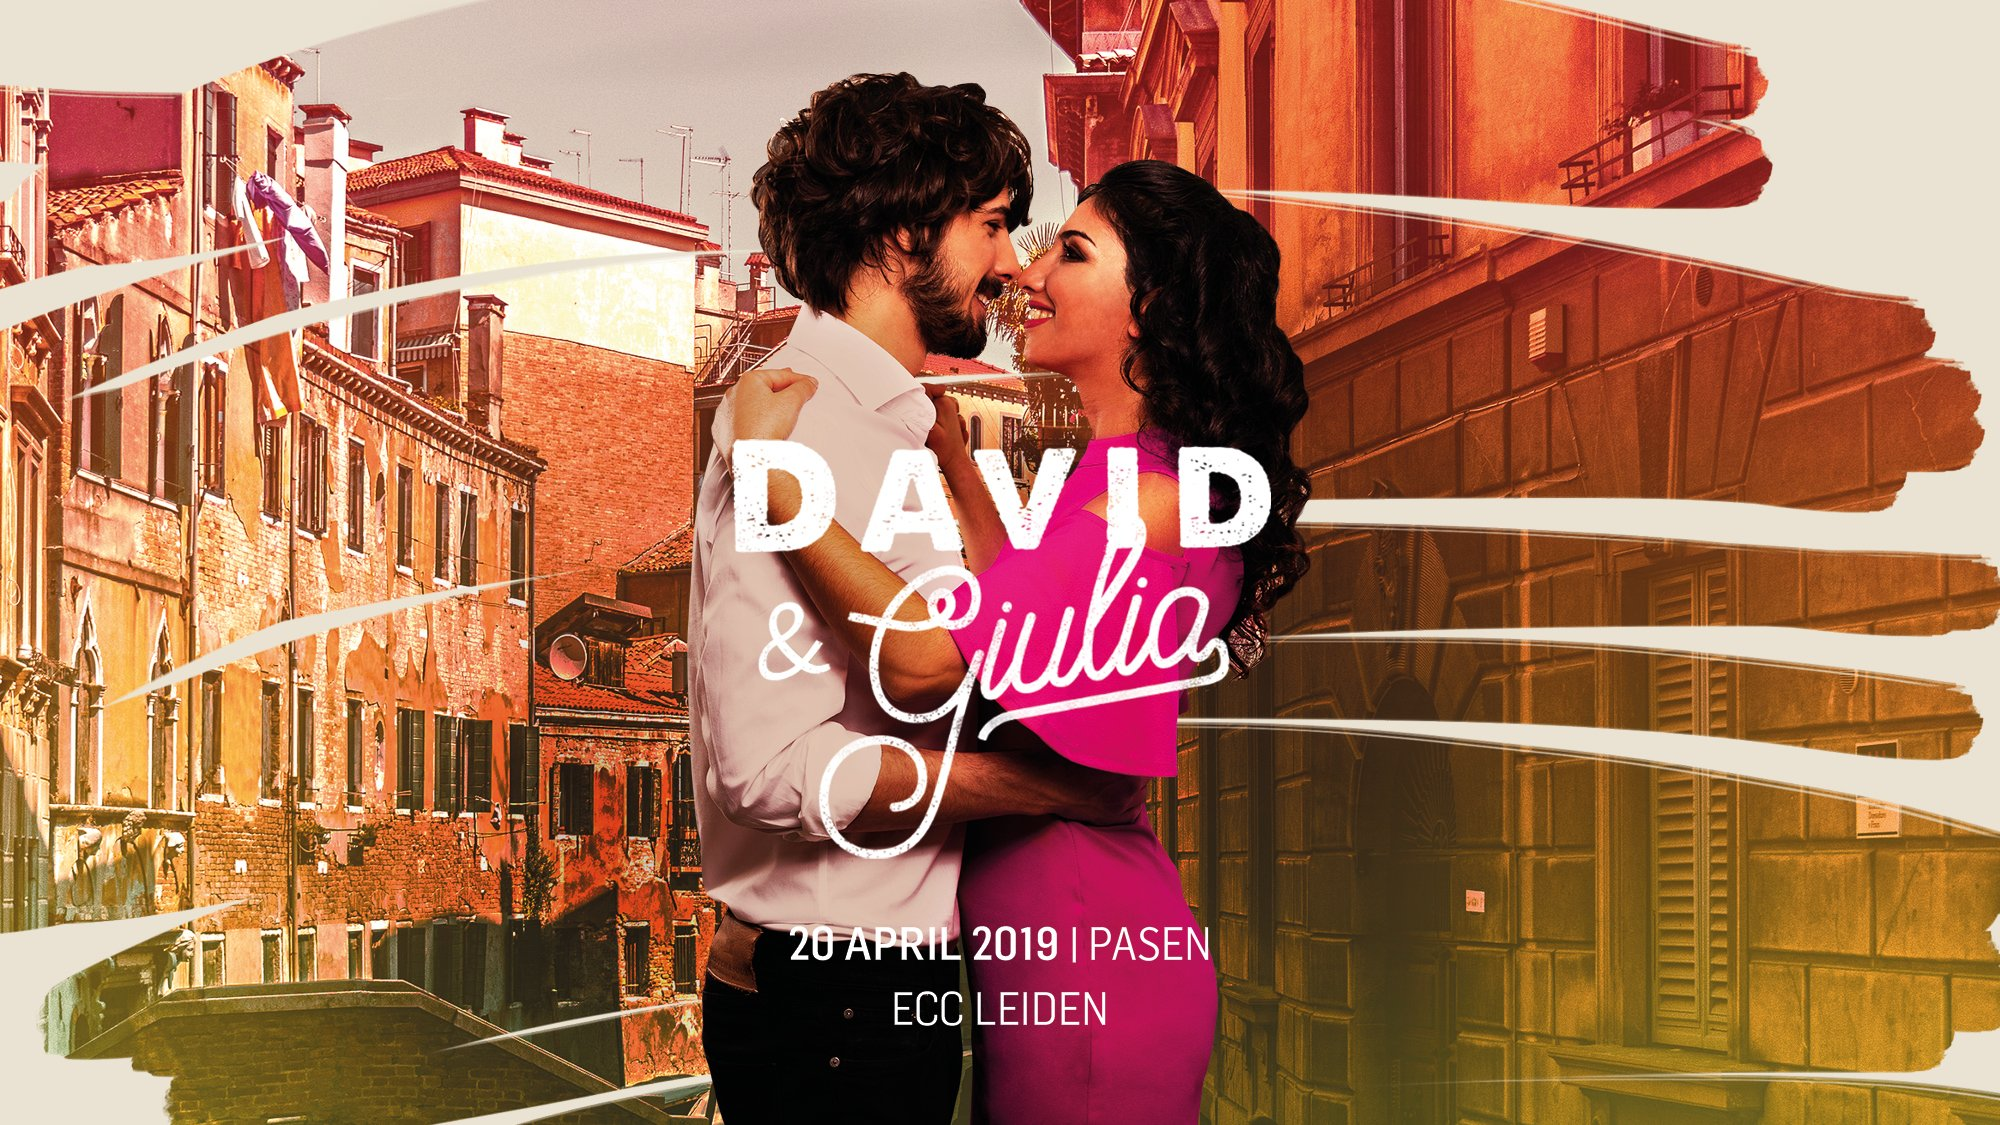 De Musical - David & Giulia